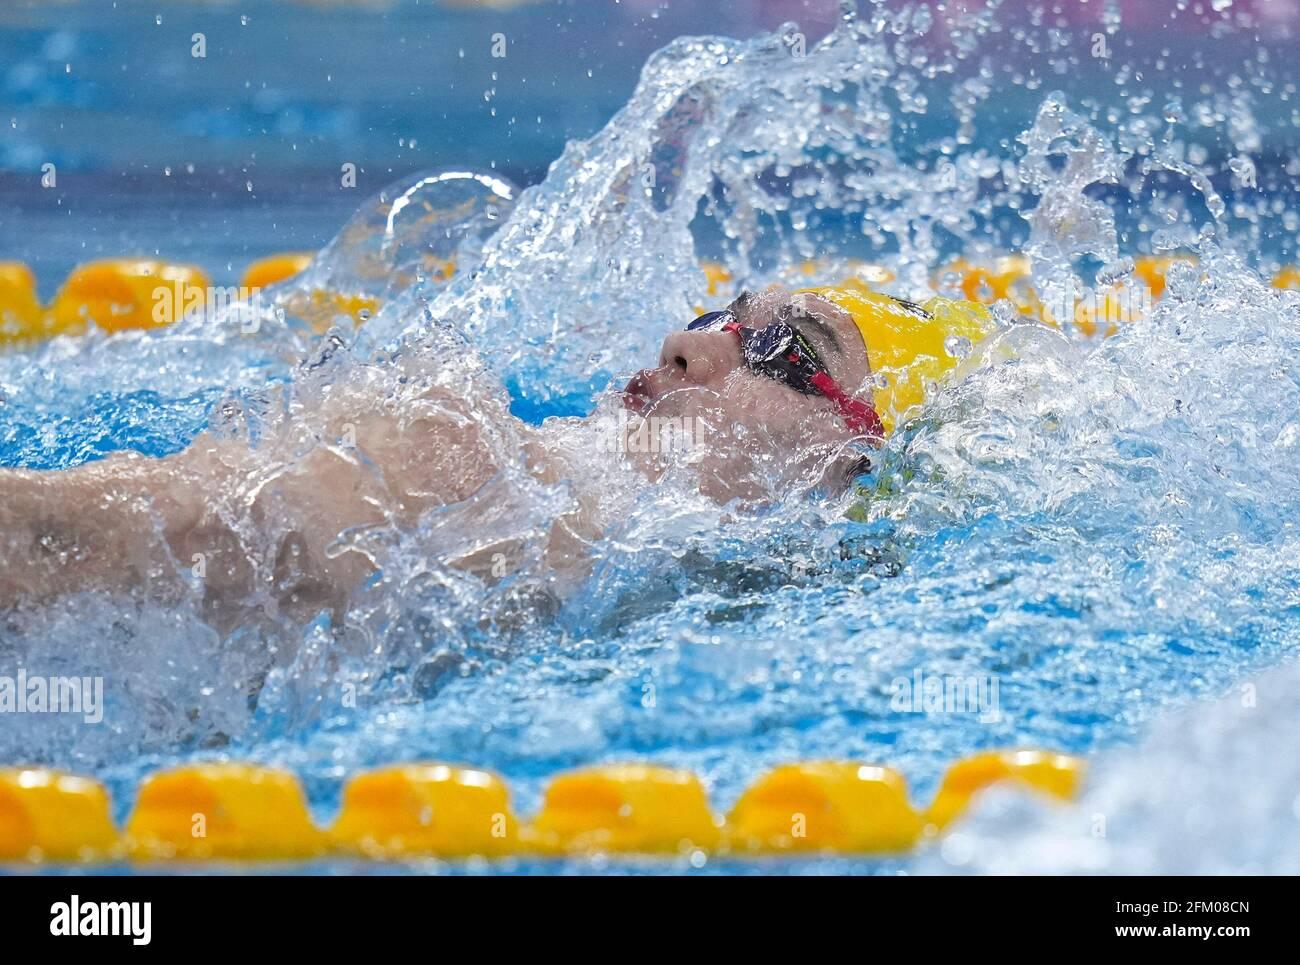 Qingdao, Chine. 5 mai 2021. Xu Jiayu, de Zhejiang, participe à la course demi-finale masculine de 200 m de course arrière aux Championnats nationaux chinois de natation 2021 à Qingdao, en Chine orientale, le 5 mai 2021. Credit: Xu Chang/Xinhua/Alay Live News Banque D'Images